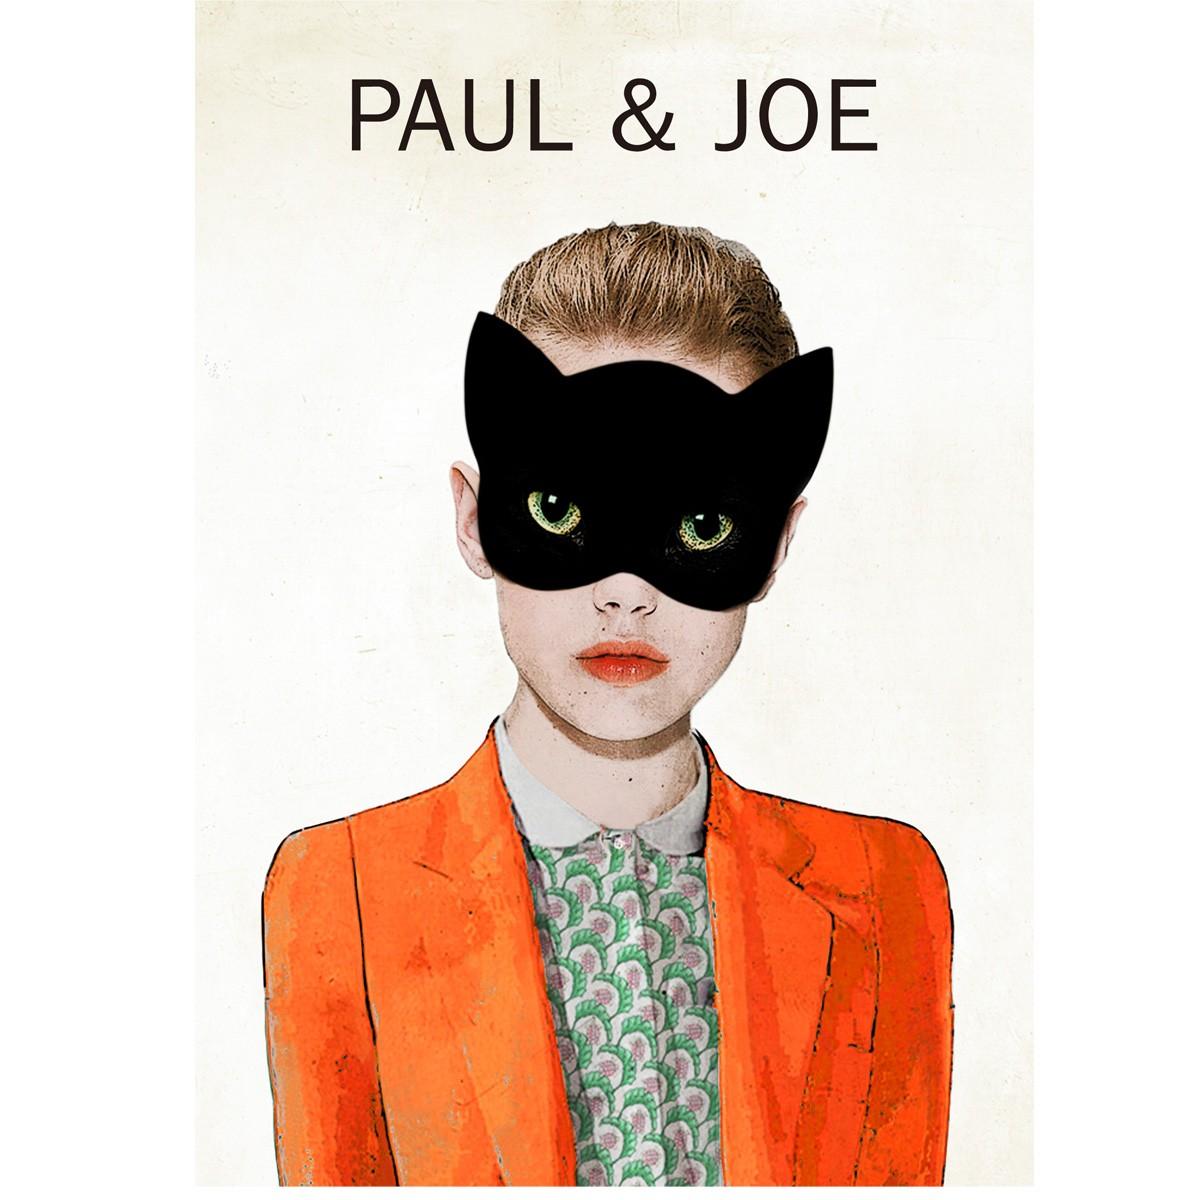 ポール & ジョー ボーテの「ル バル マスケ」キャンペーンで豪華グッズがあたる!